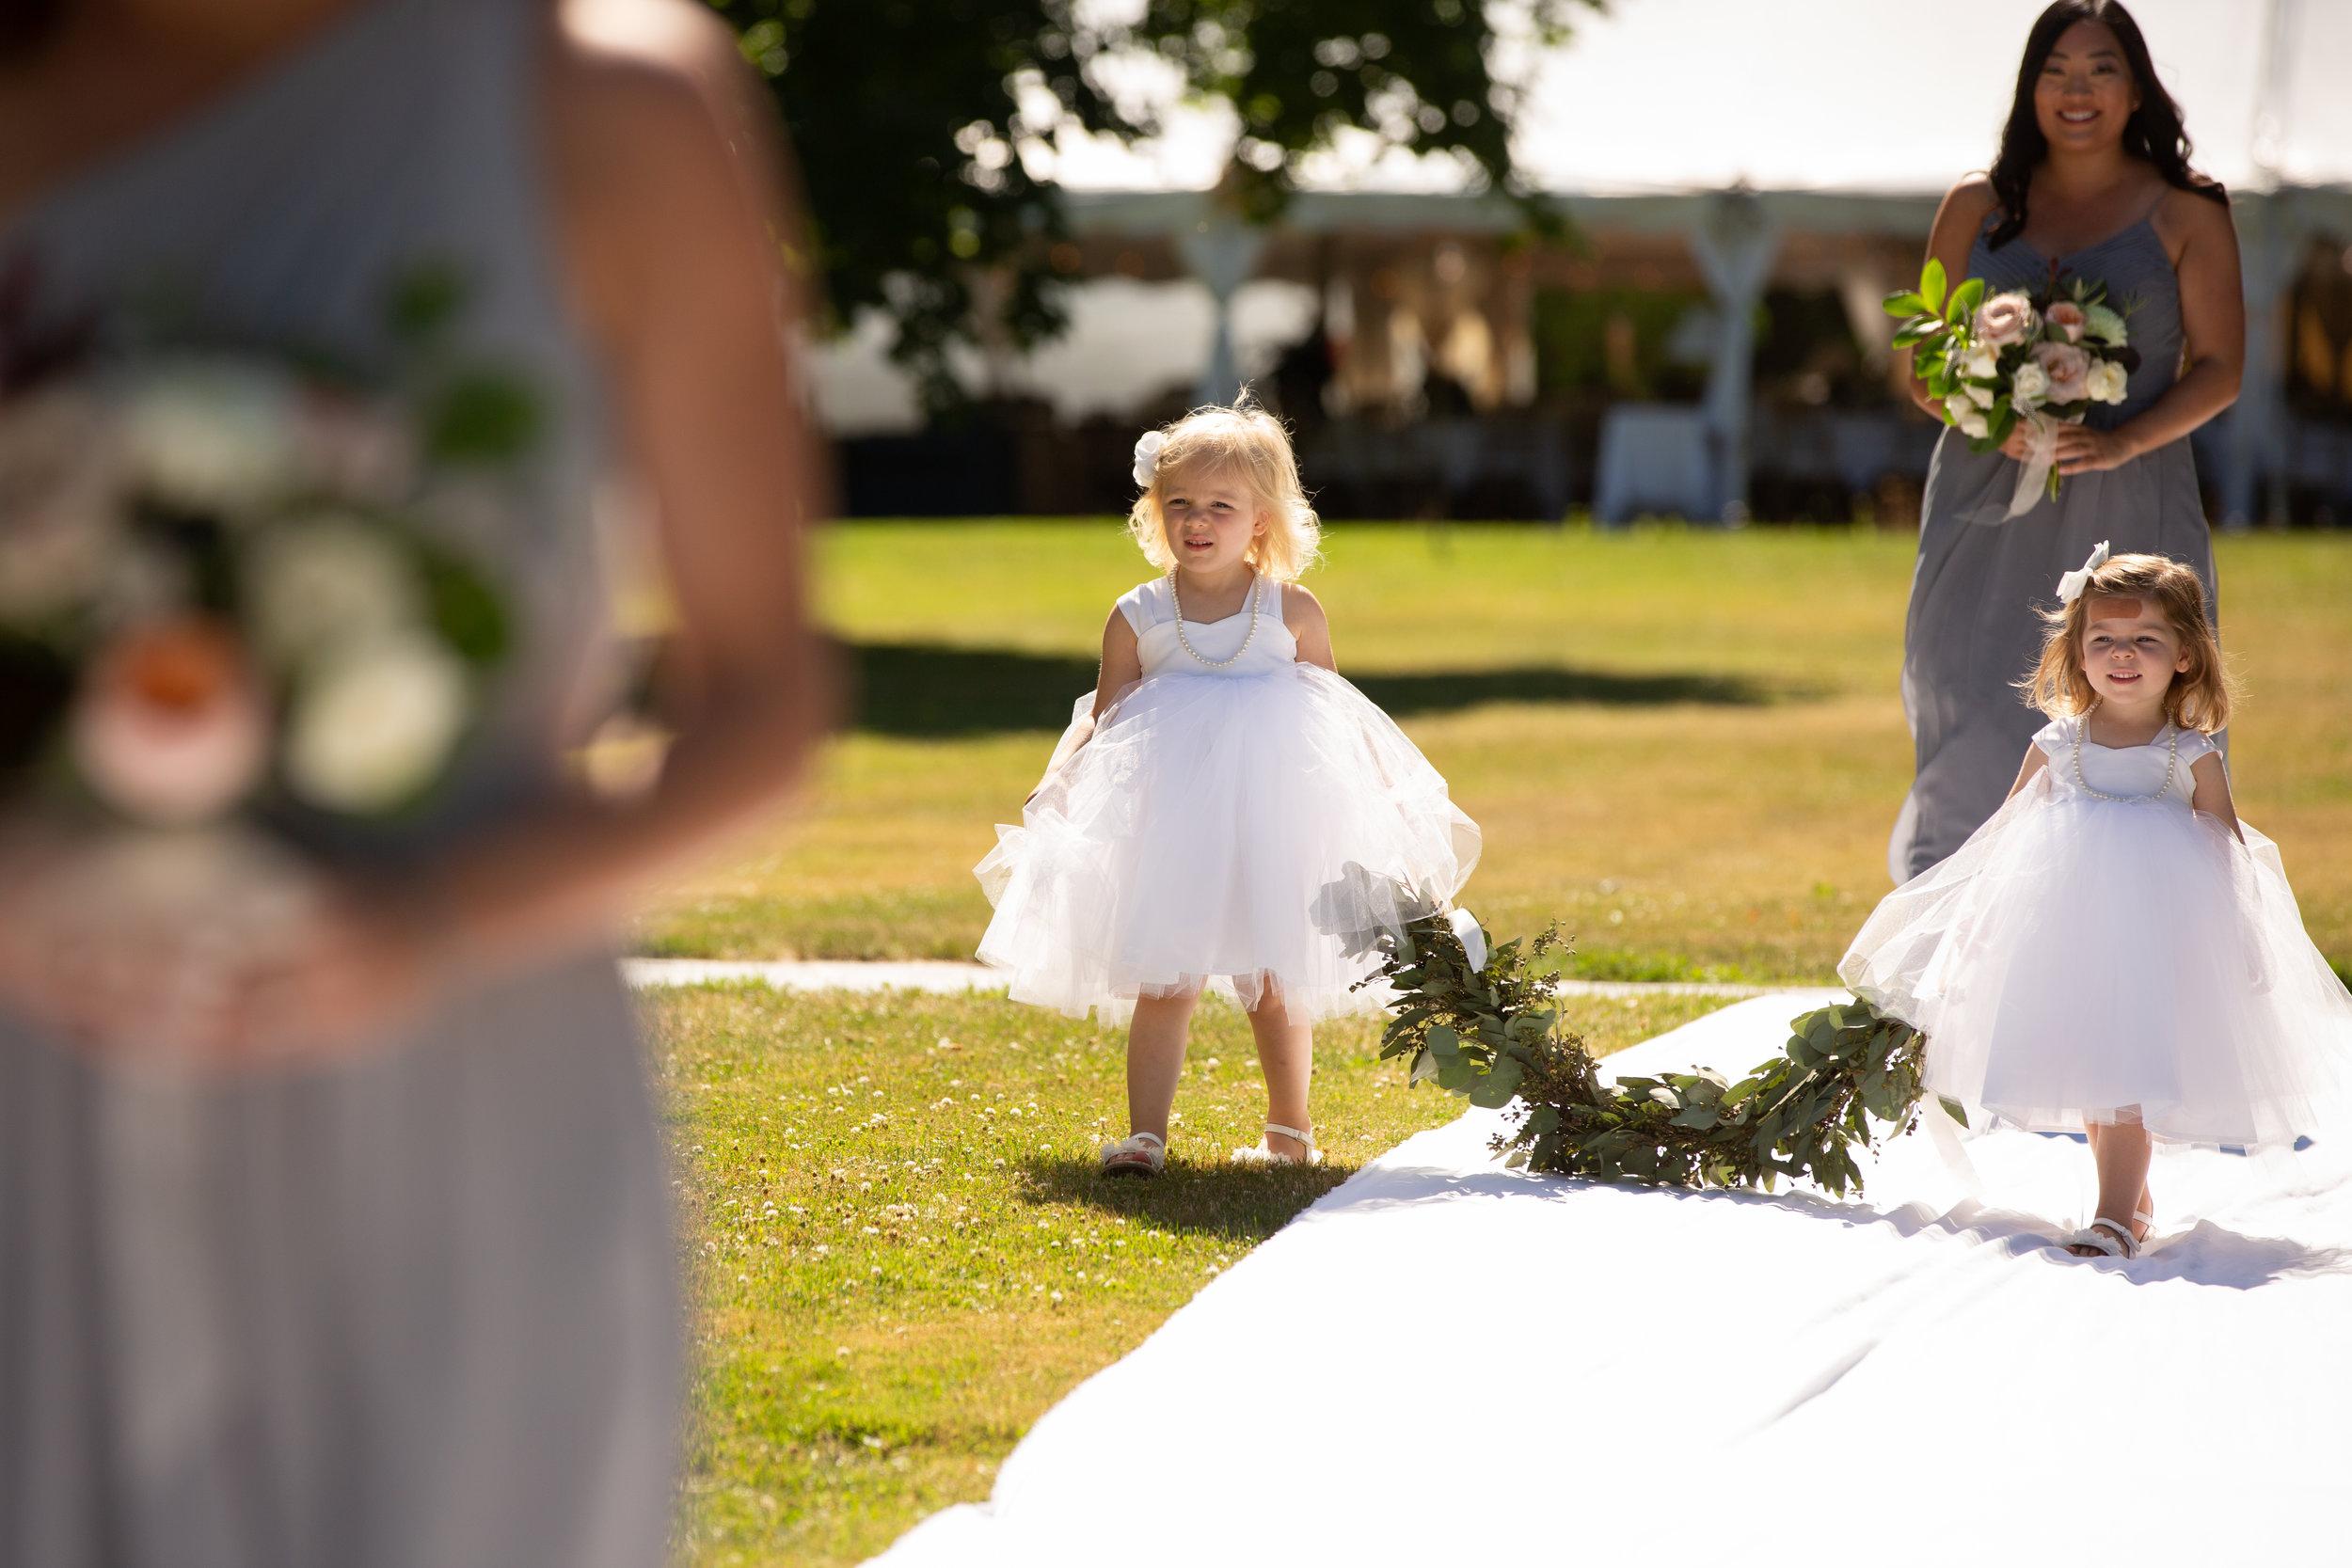 EmilyandBrian_Ceremony-24.jpg